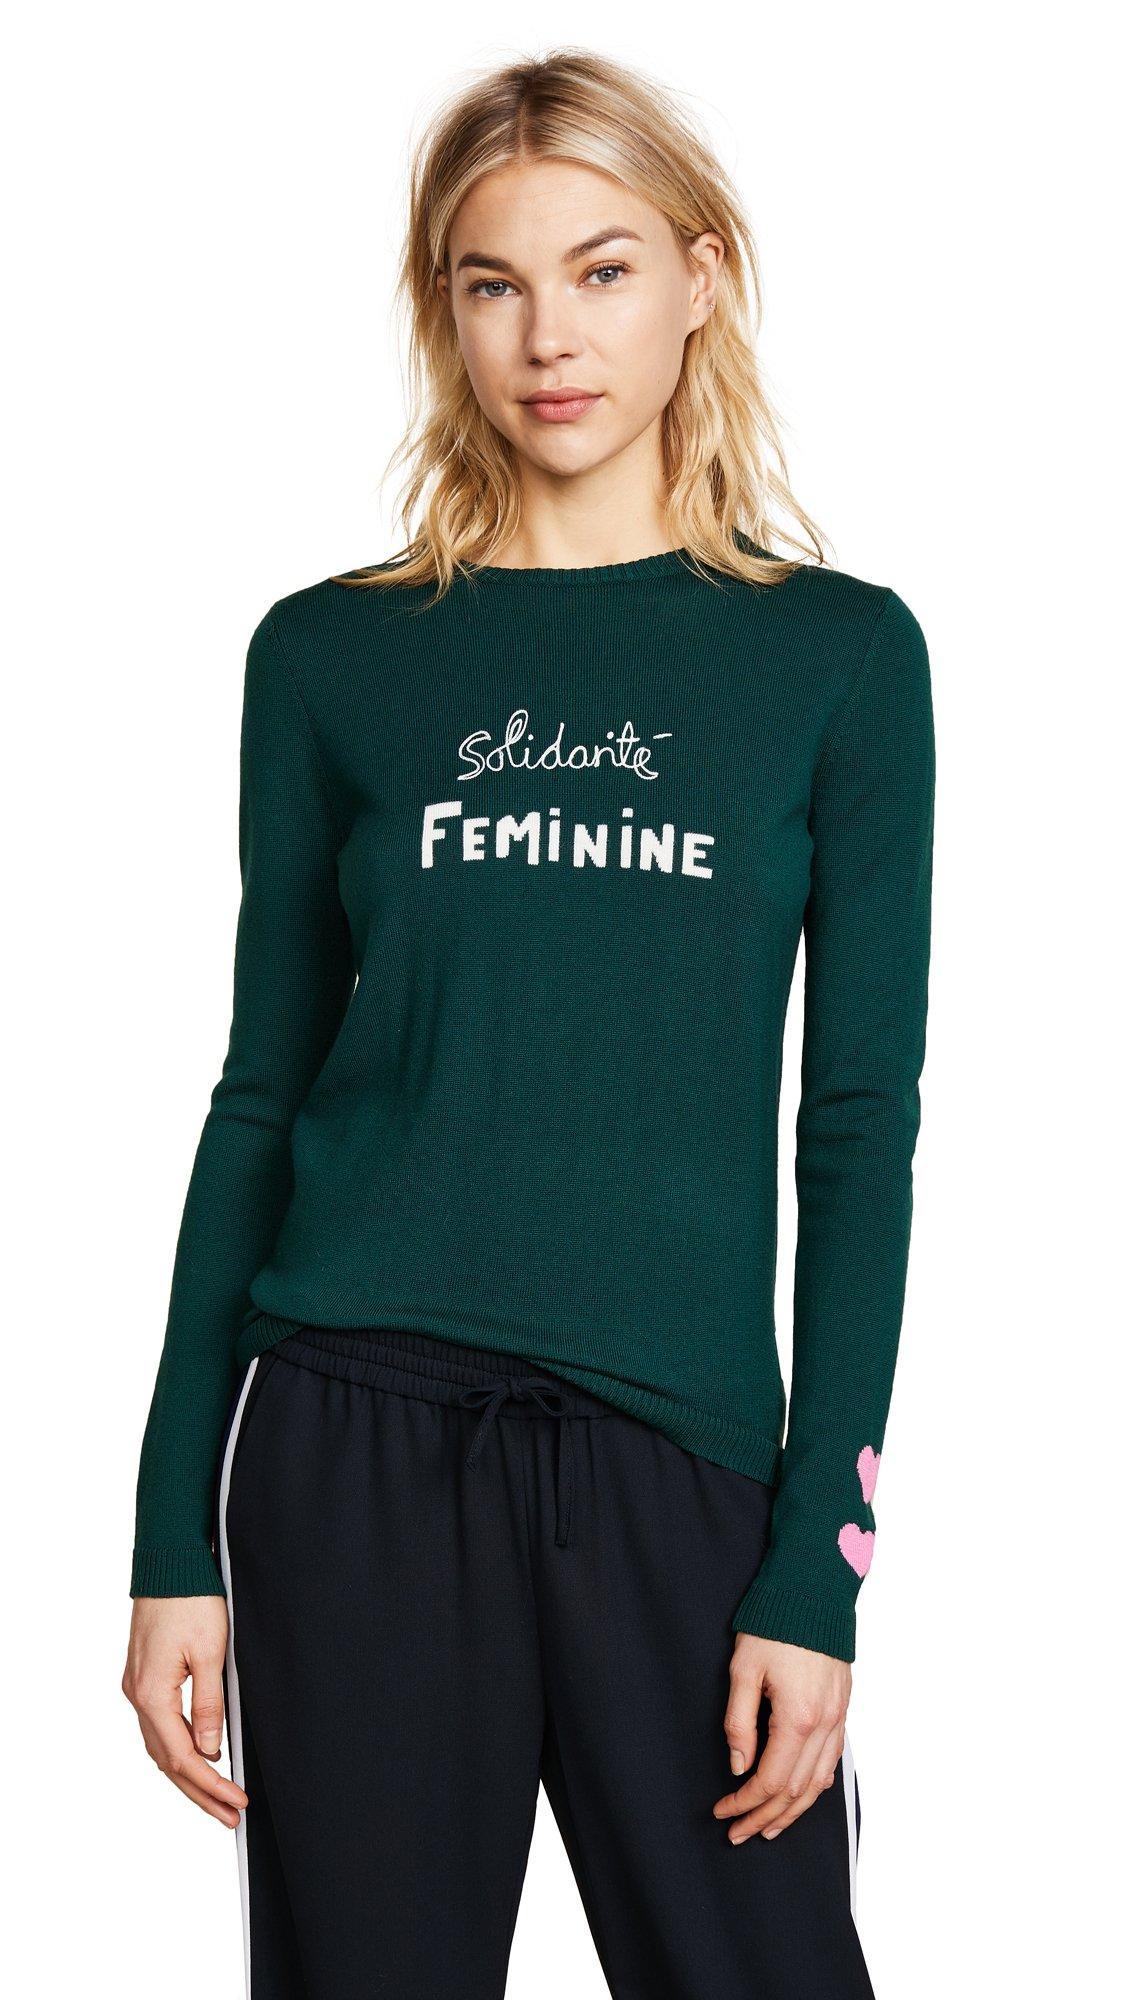 Bella Freud Women's Solidarité Feminine Jumper, Bentley Green, X-Small